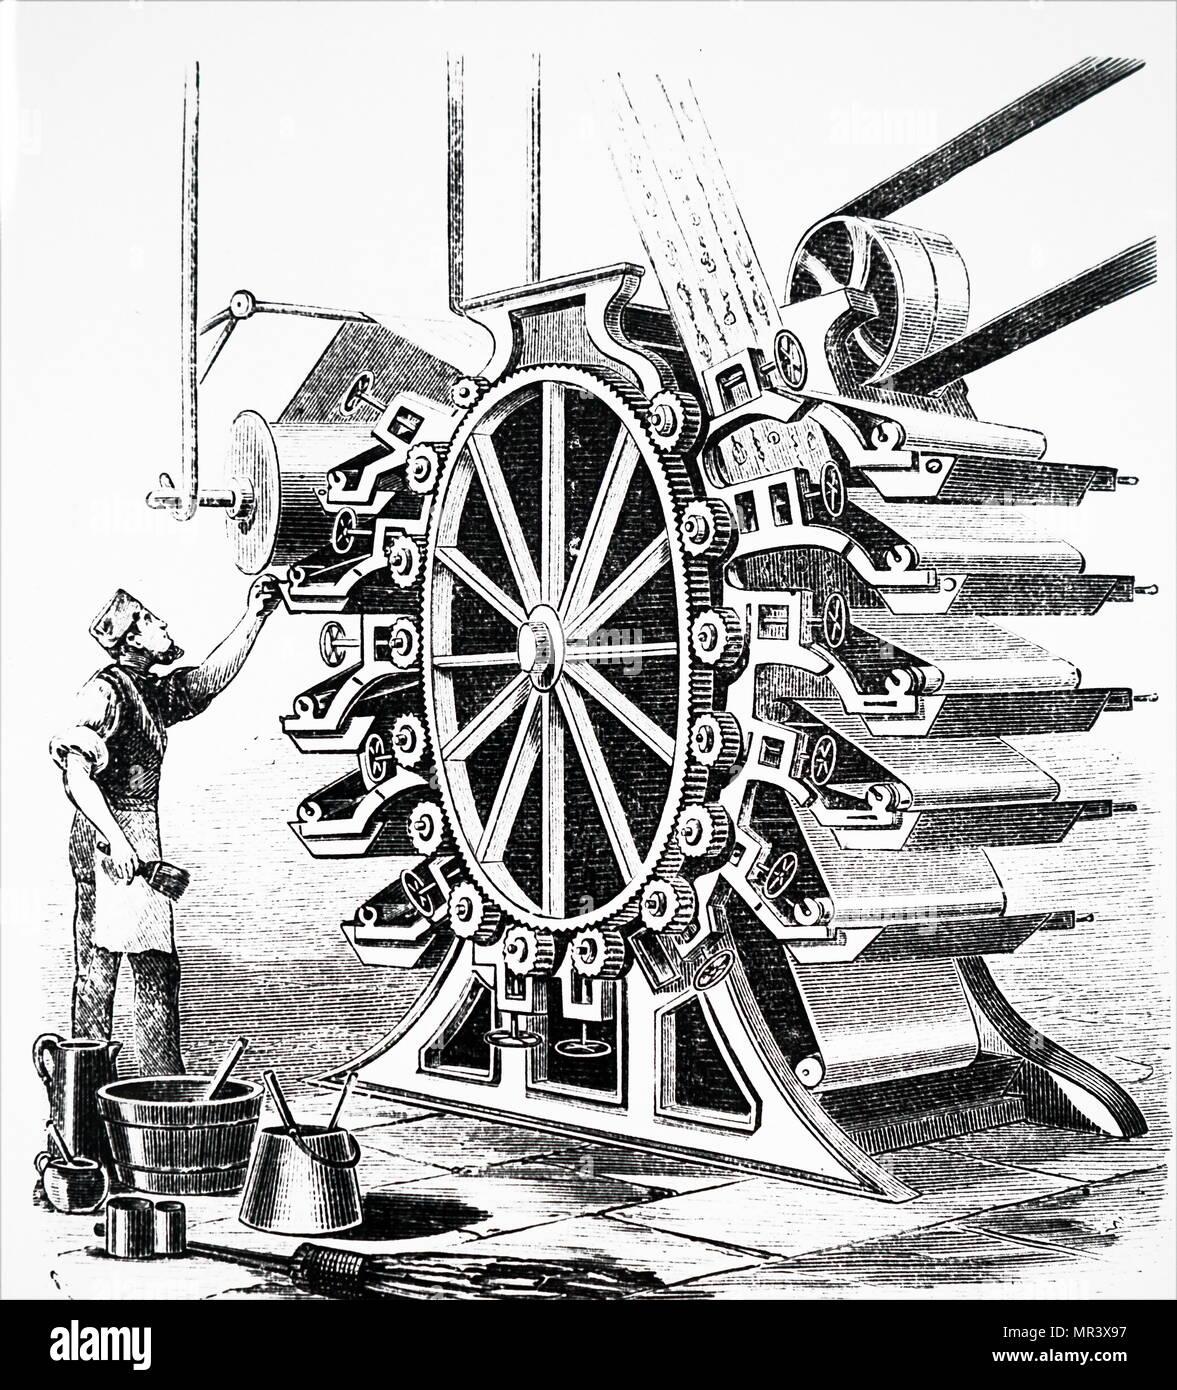 Illustrazione raffigurante una carta da parati macchina da stampa. Datata del XIX secolo Immagini Stock